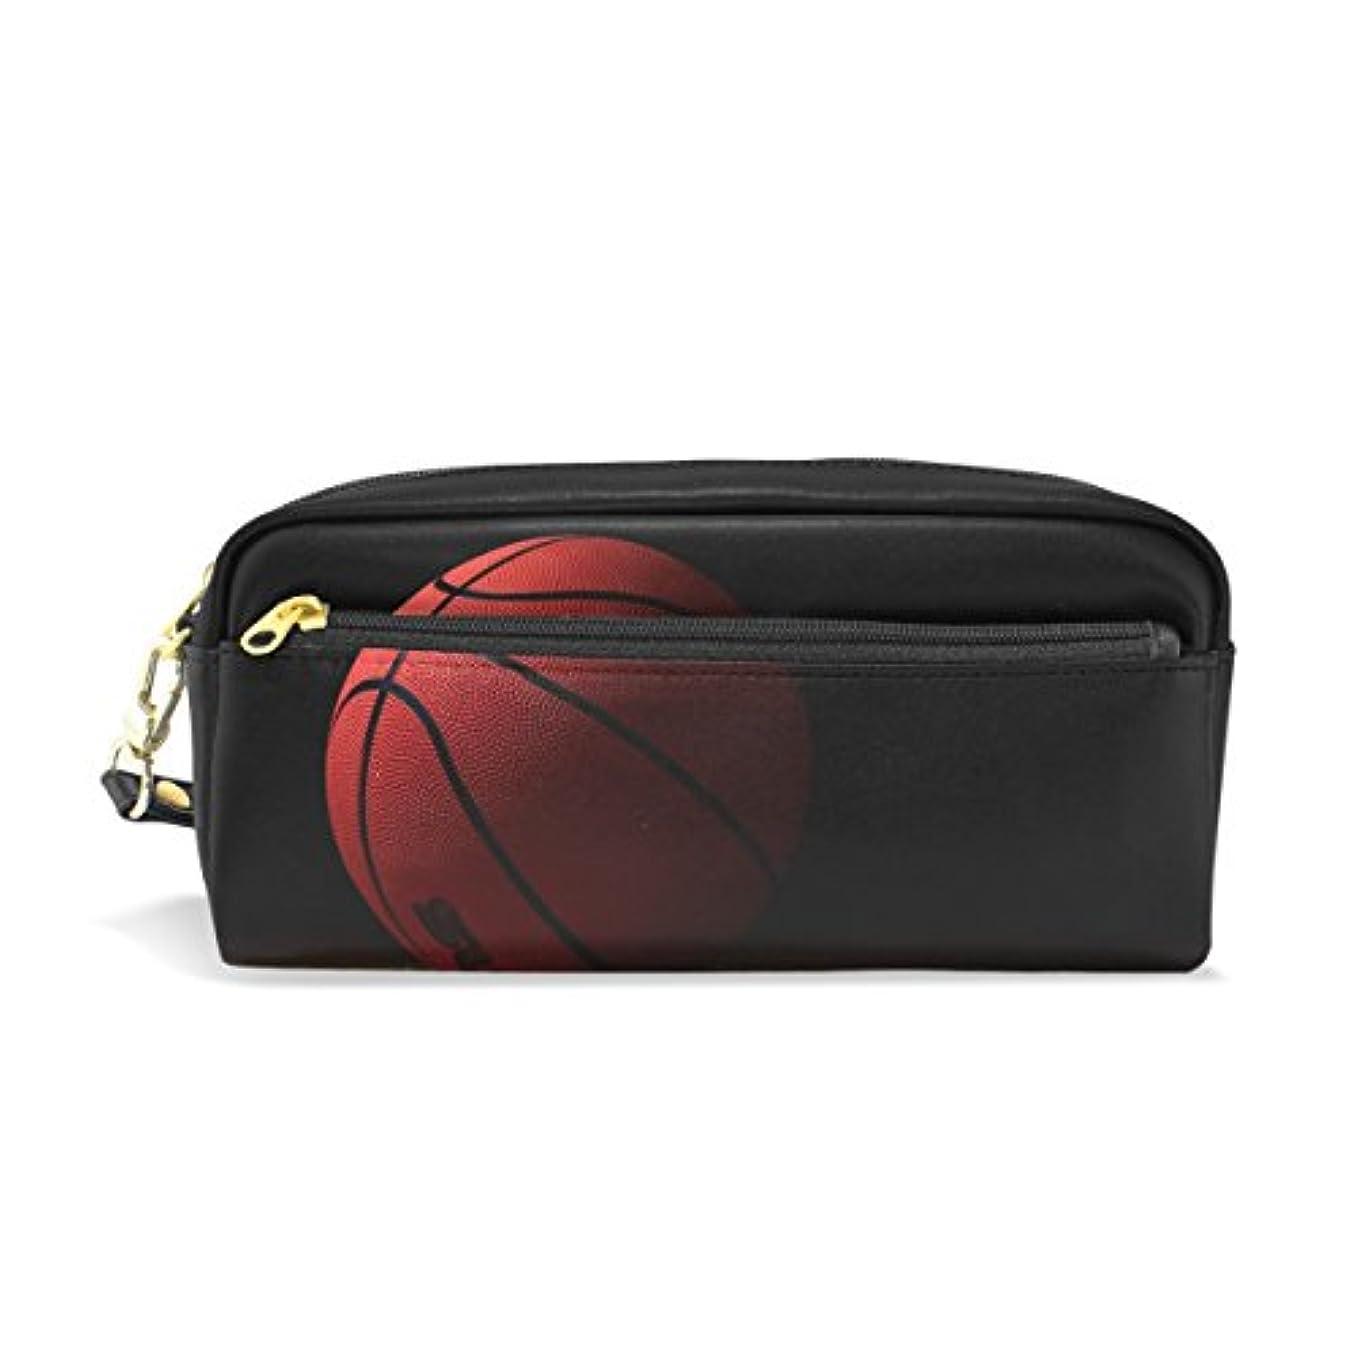 年金閲覧する不注意AOMOKI ペンケース 化粧ポーチ 小物入り 多機能バッグ レディース バスケットボール ブラック